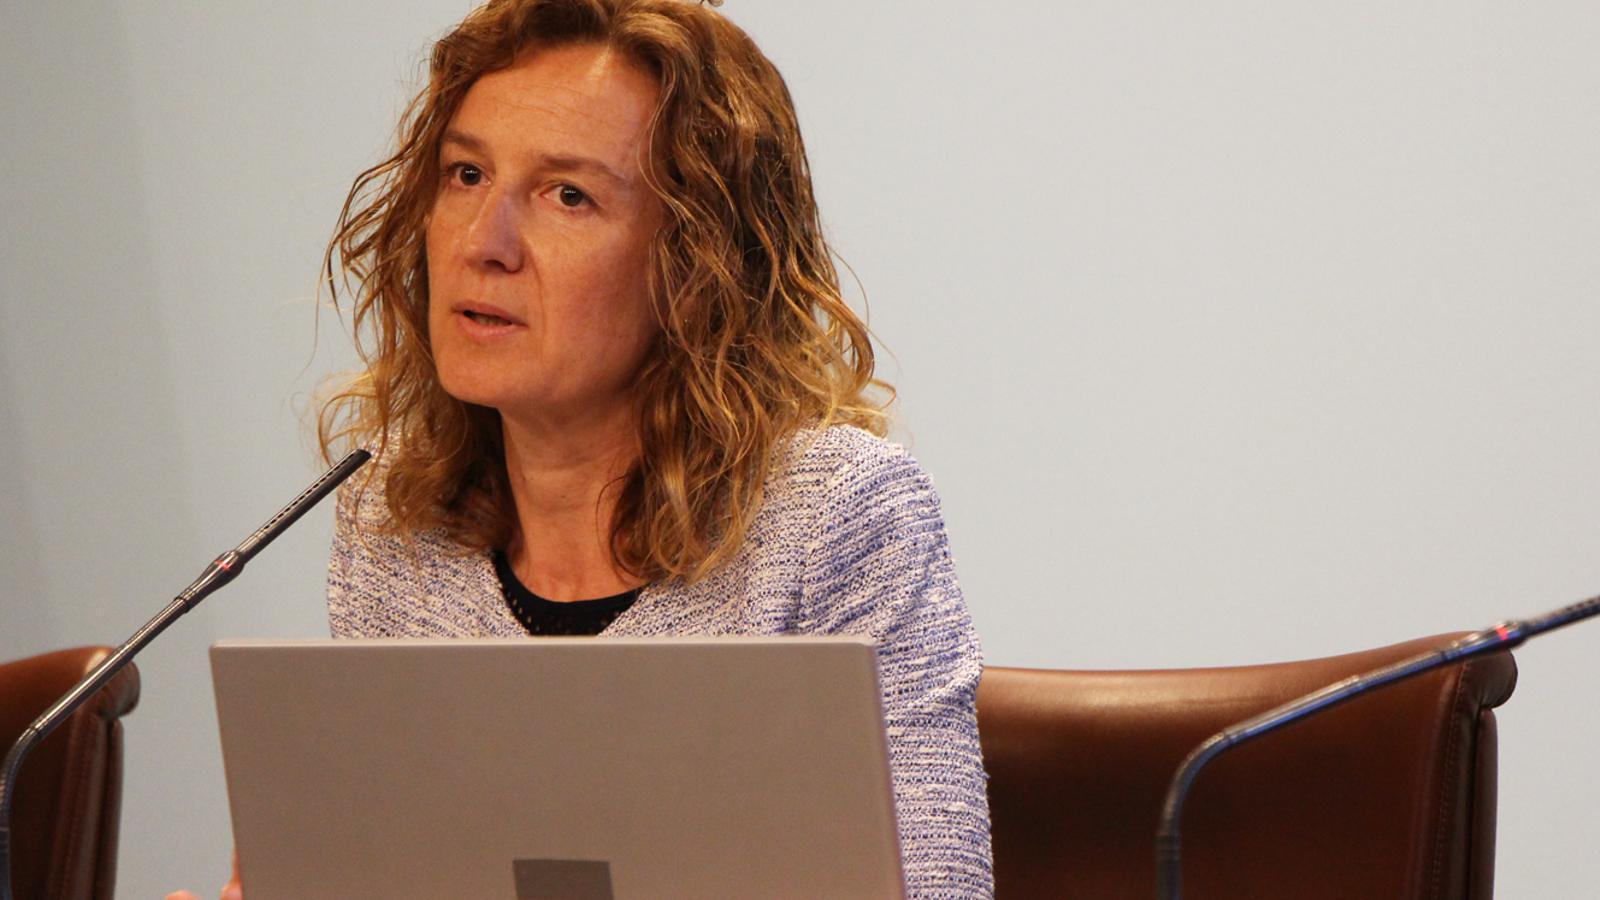 La ministra de Medi Ambient, Agricultura i Sostenibilitat, Sílvia Calvó, durant la compareixença posterior al consell de ministres. / M. T. (ANA)